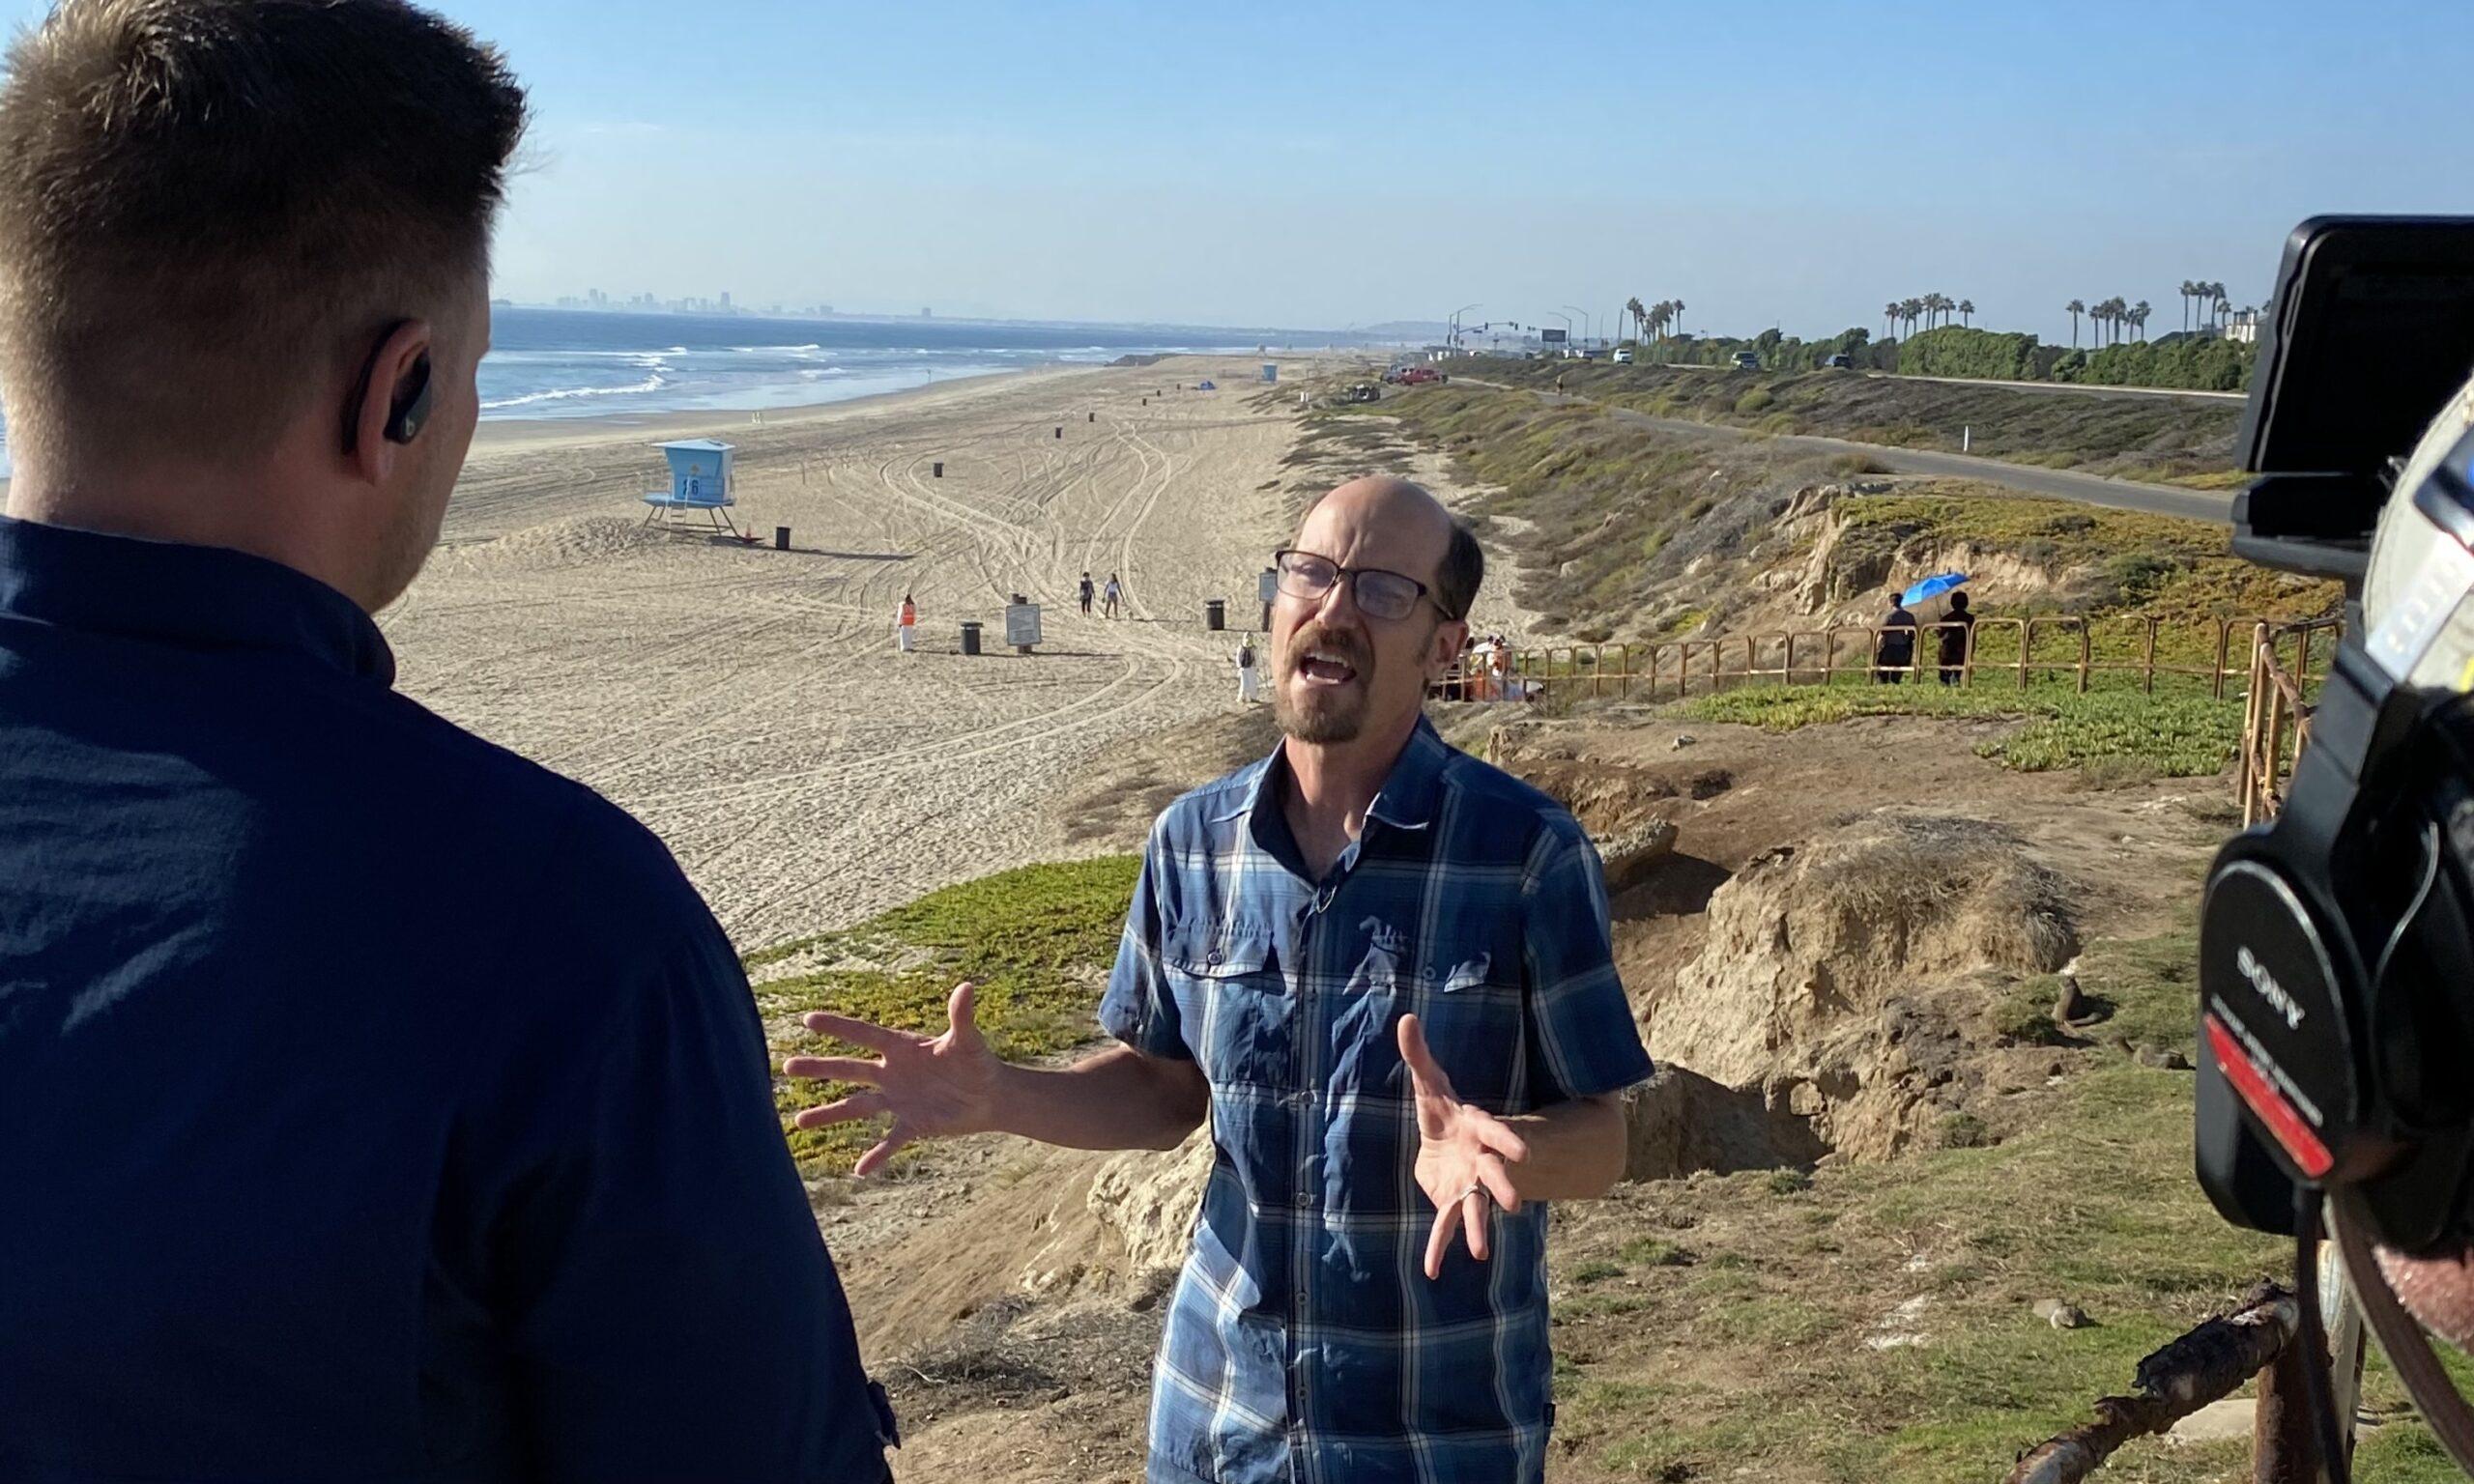 Reporter interviewing Dr. Matt Bracken at the beach